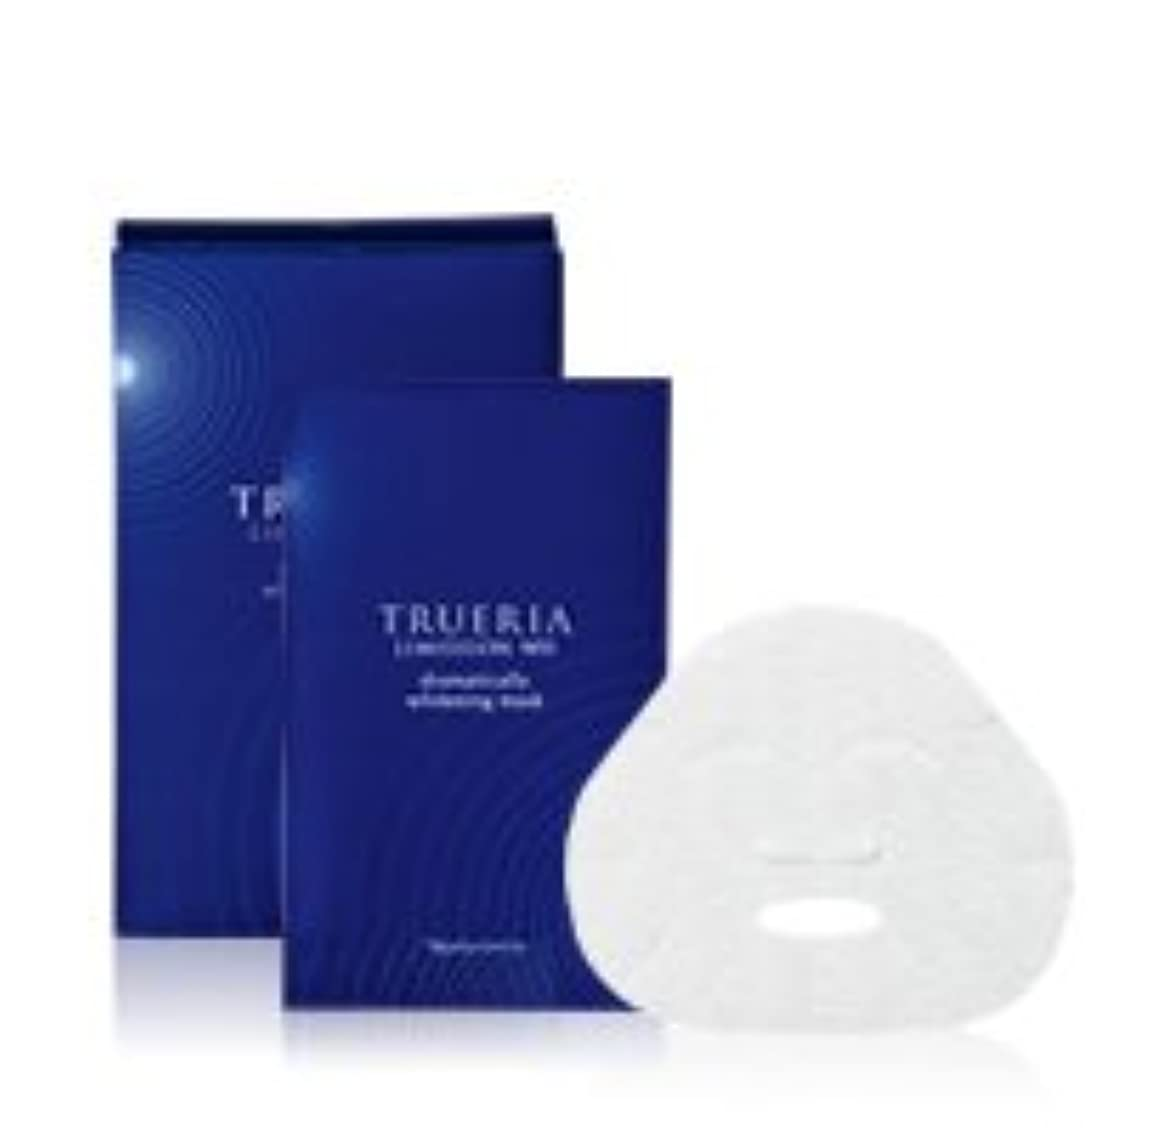 説得力のある服インシュレータナリス化粧品 トゥルーリア リミッション WH ドラマティカリーホワイトニングマスク 22ml 8枚